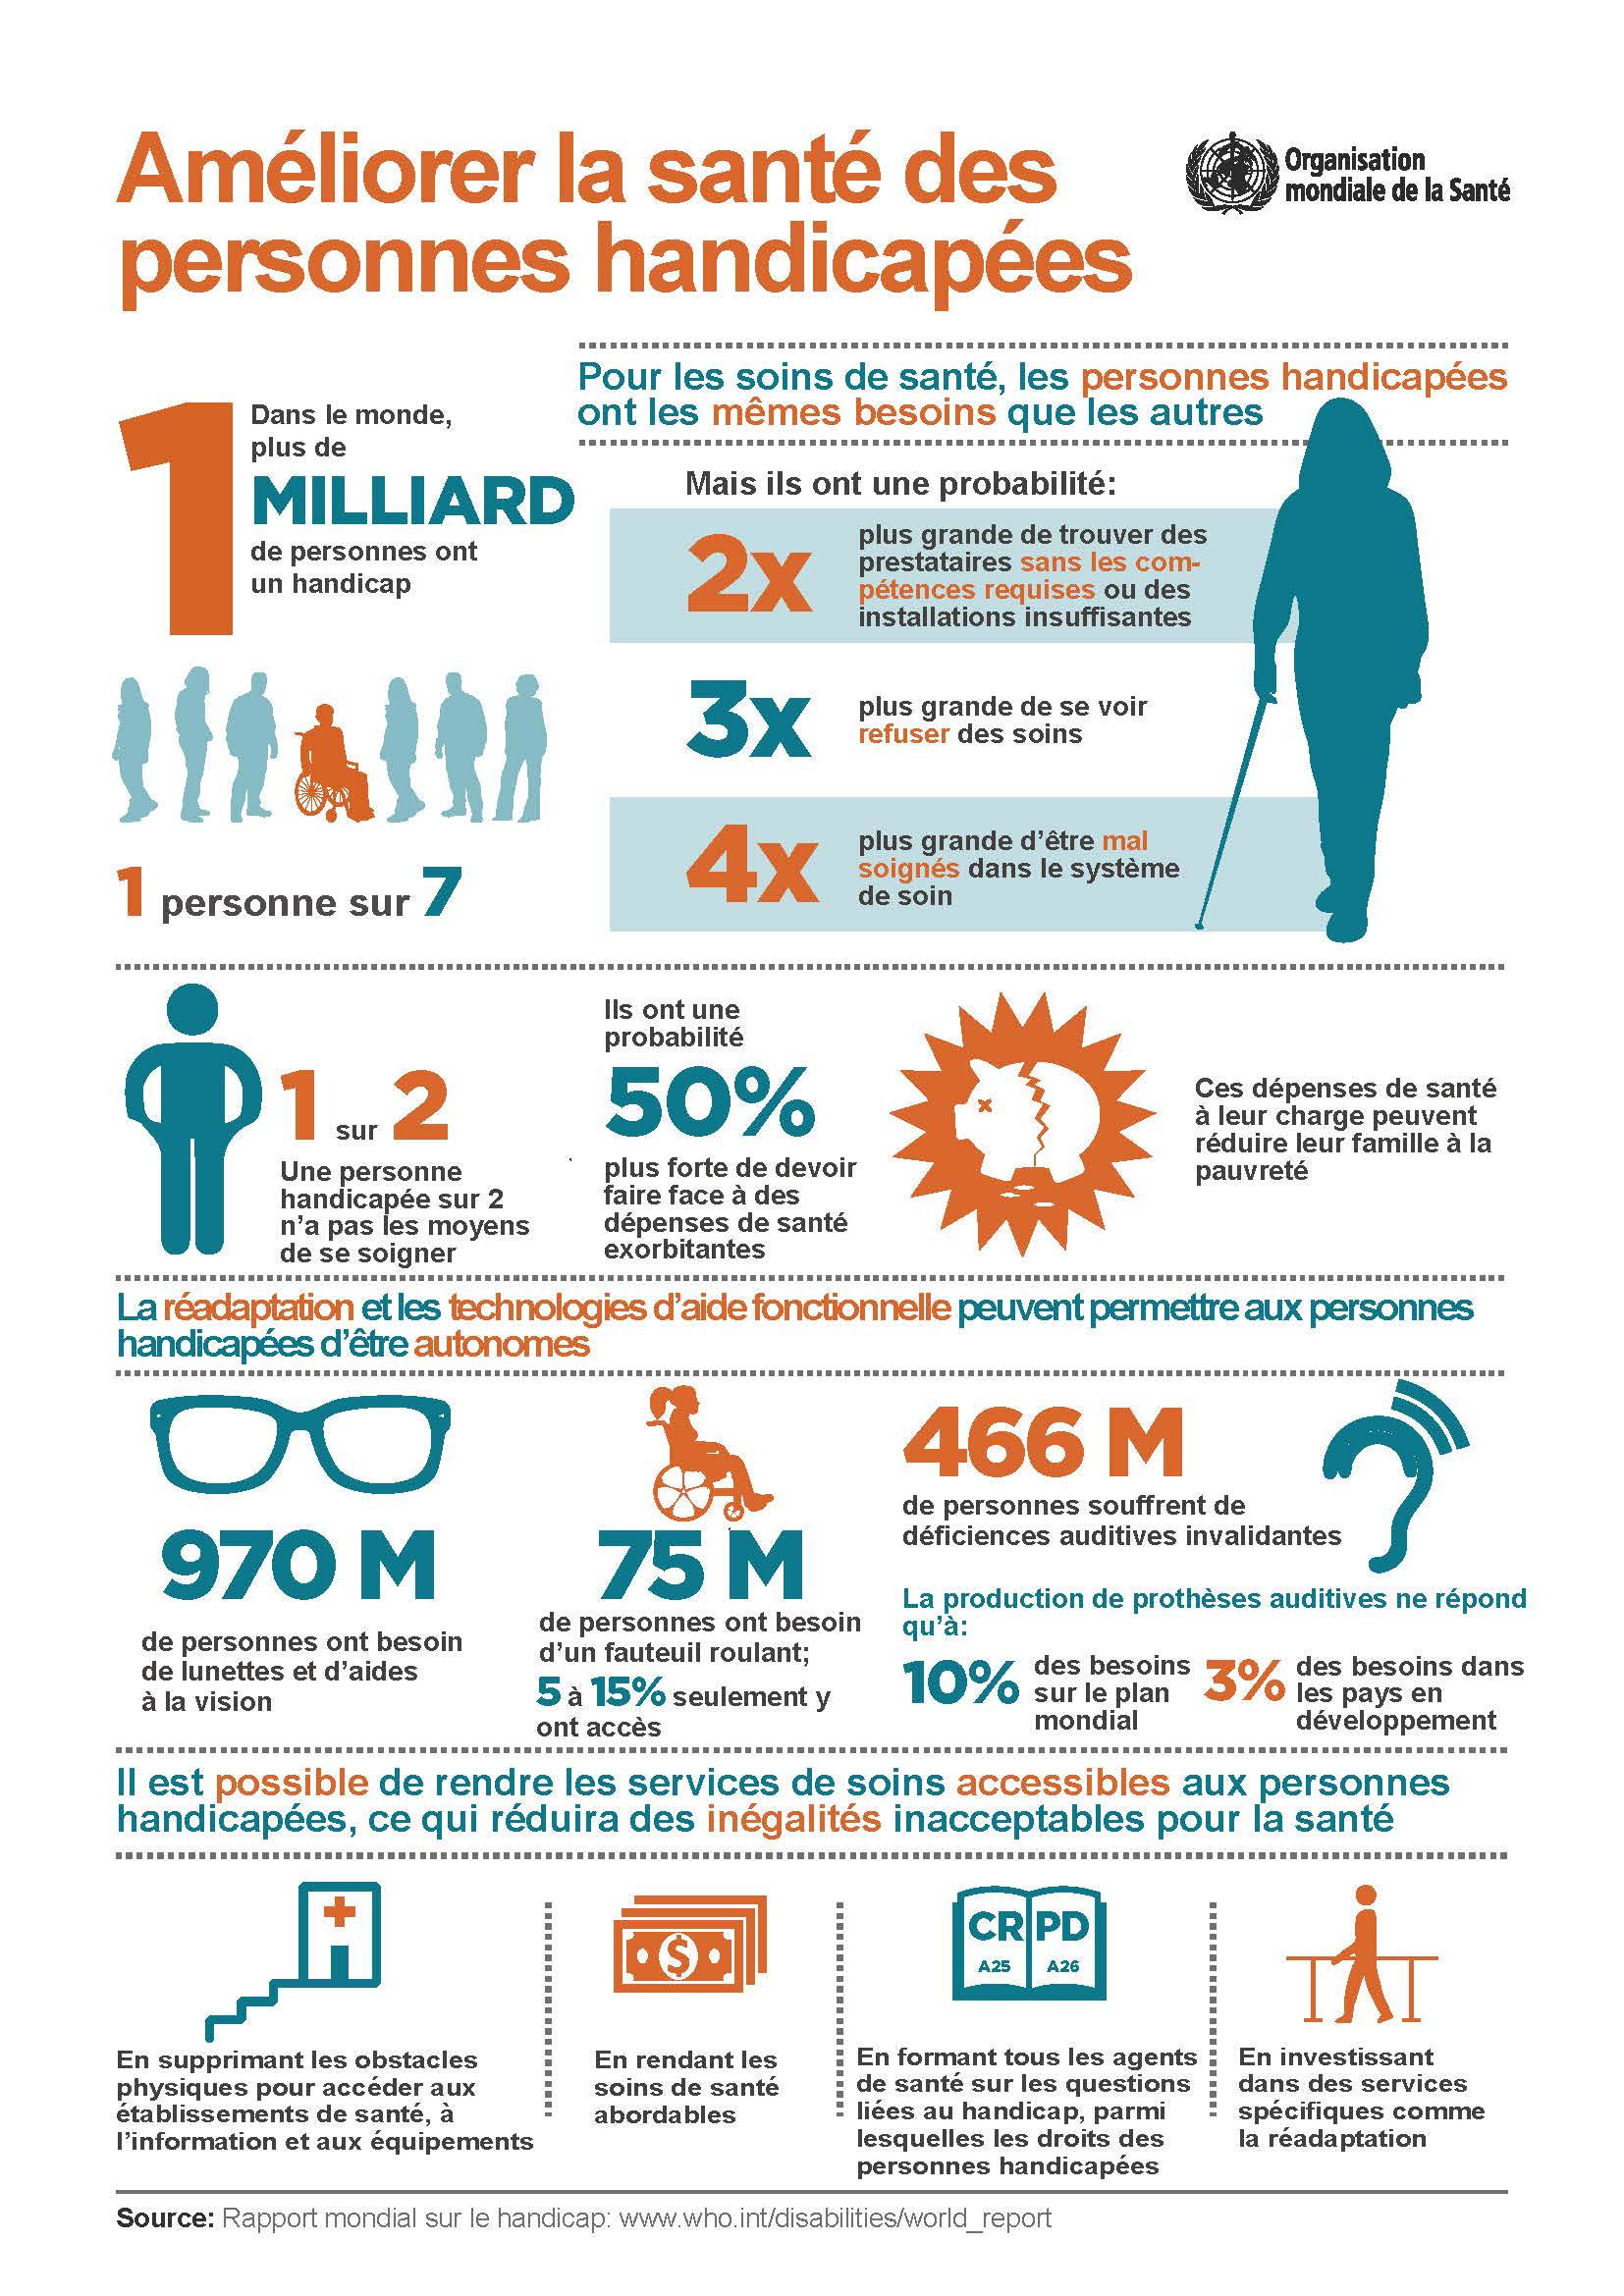 Dans le Monde, 1 milliard de personne sont en situation de handicap soit environ 1 personne sur 7